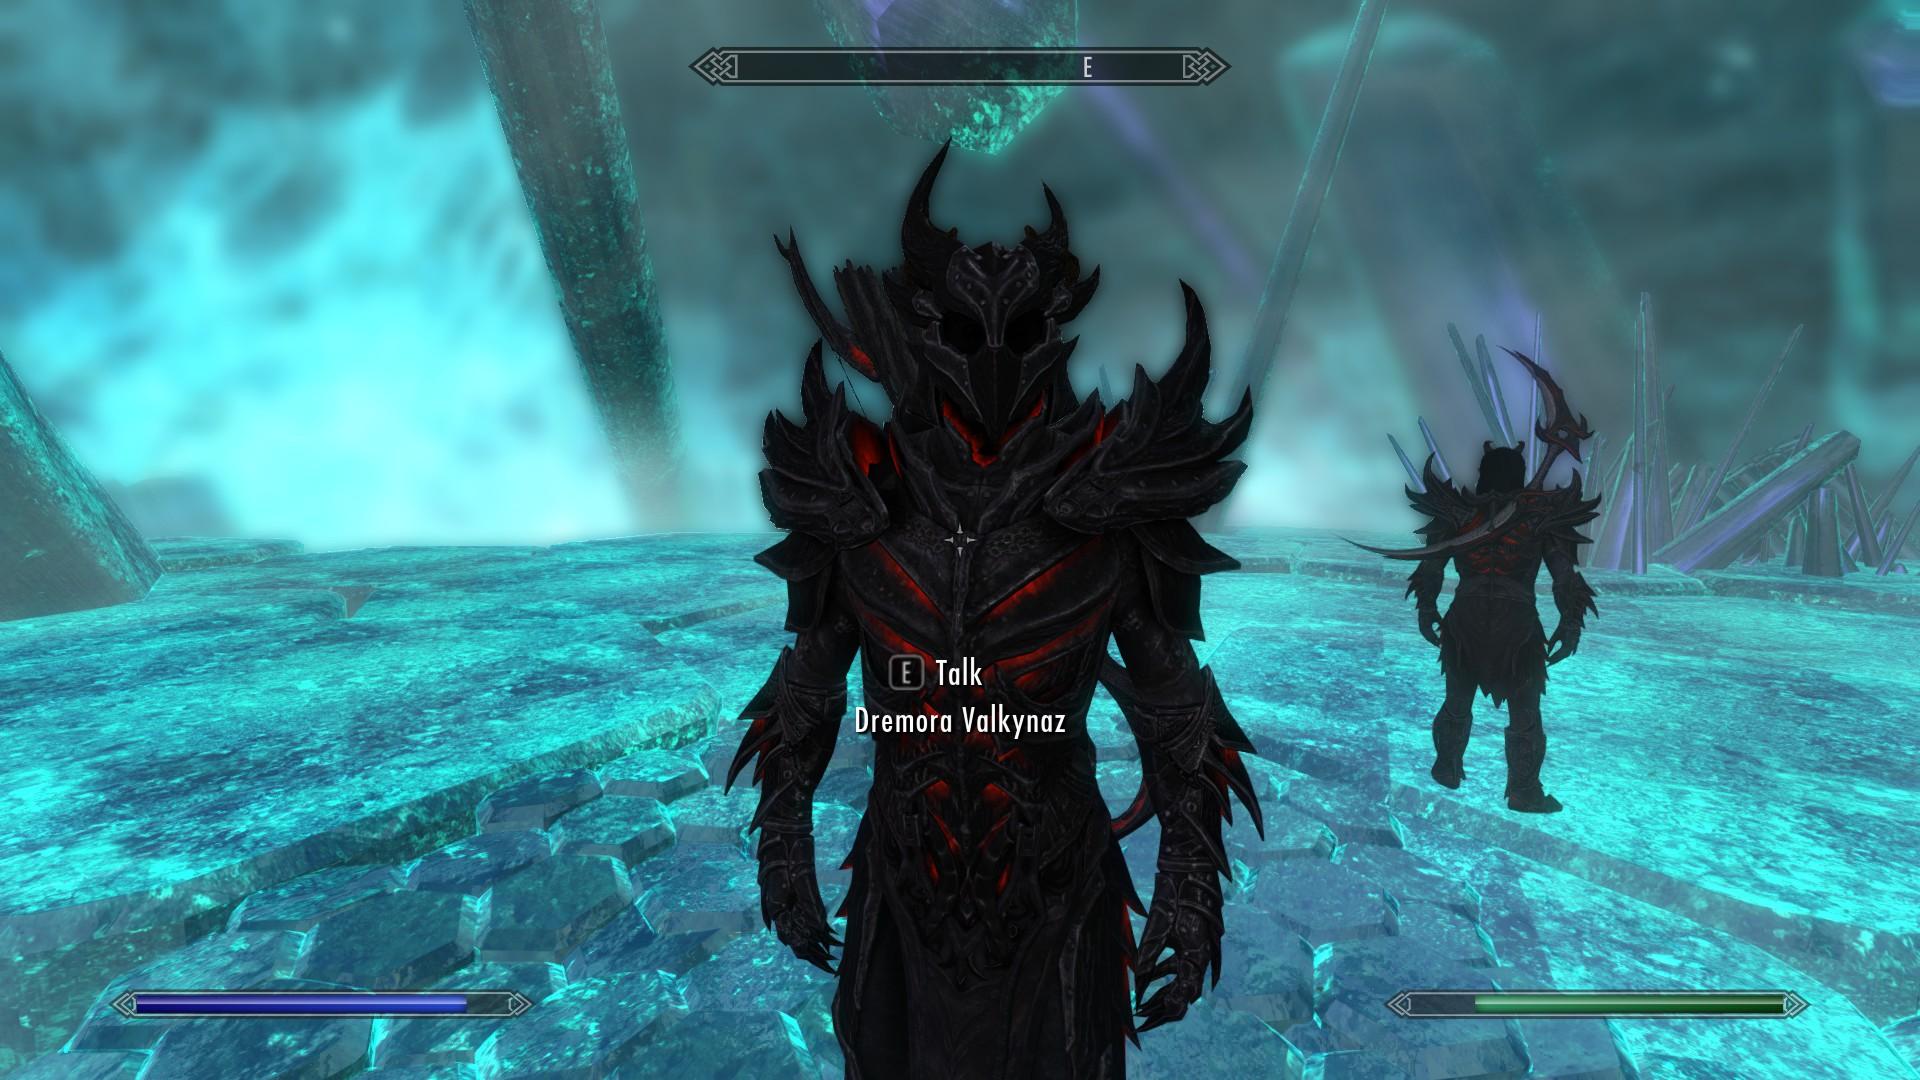 Skyrim Battles - 1/2 Daedric Warrior 50 Dremora Valkynaz v ...